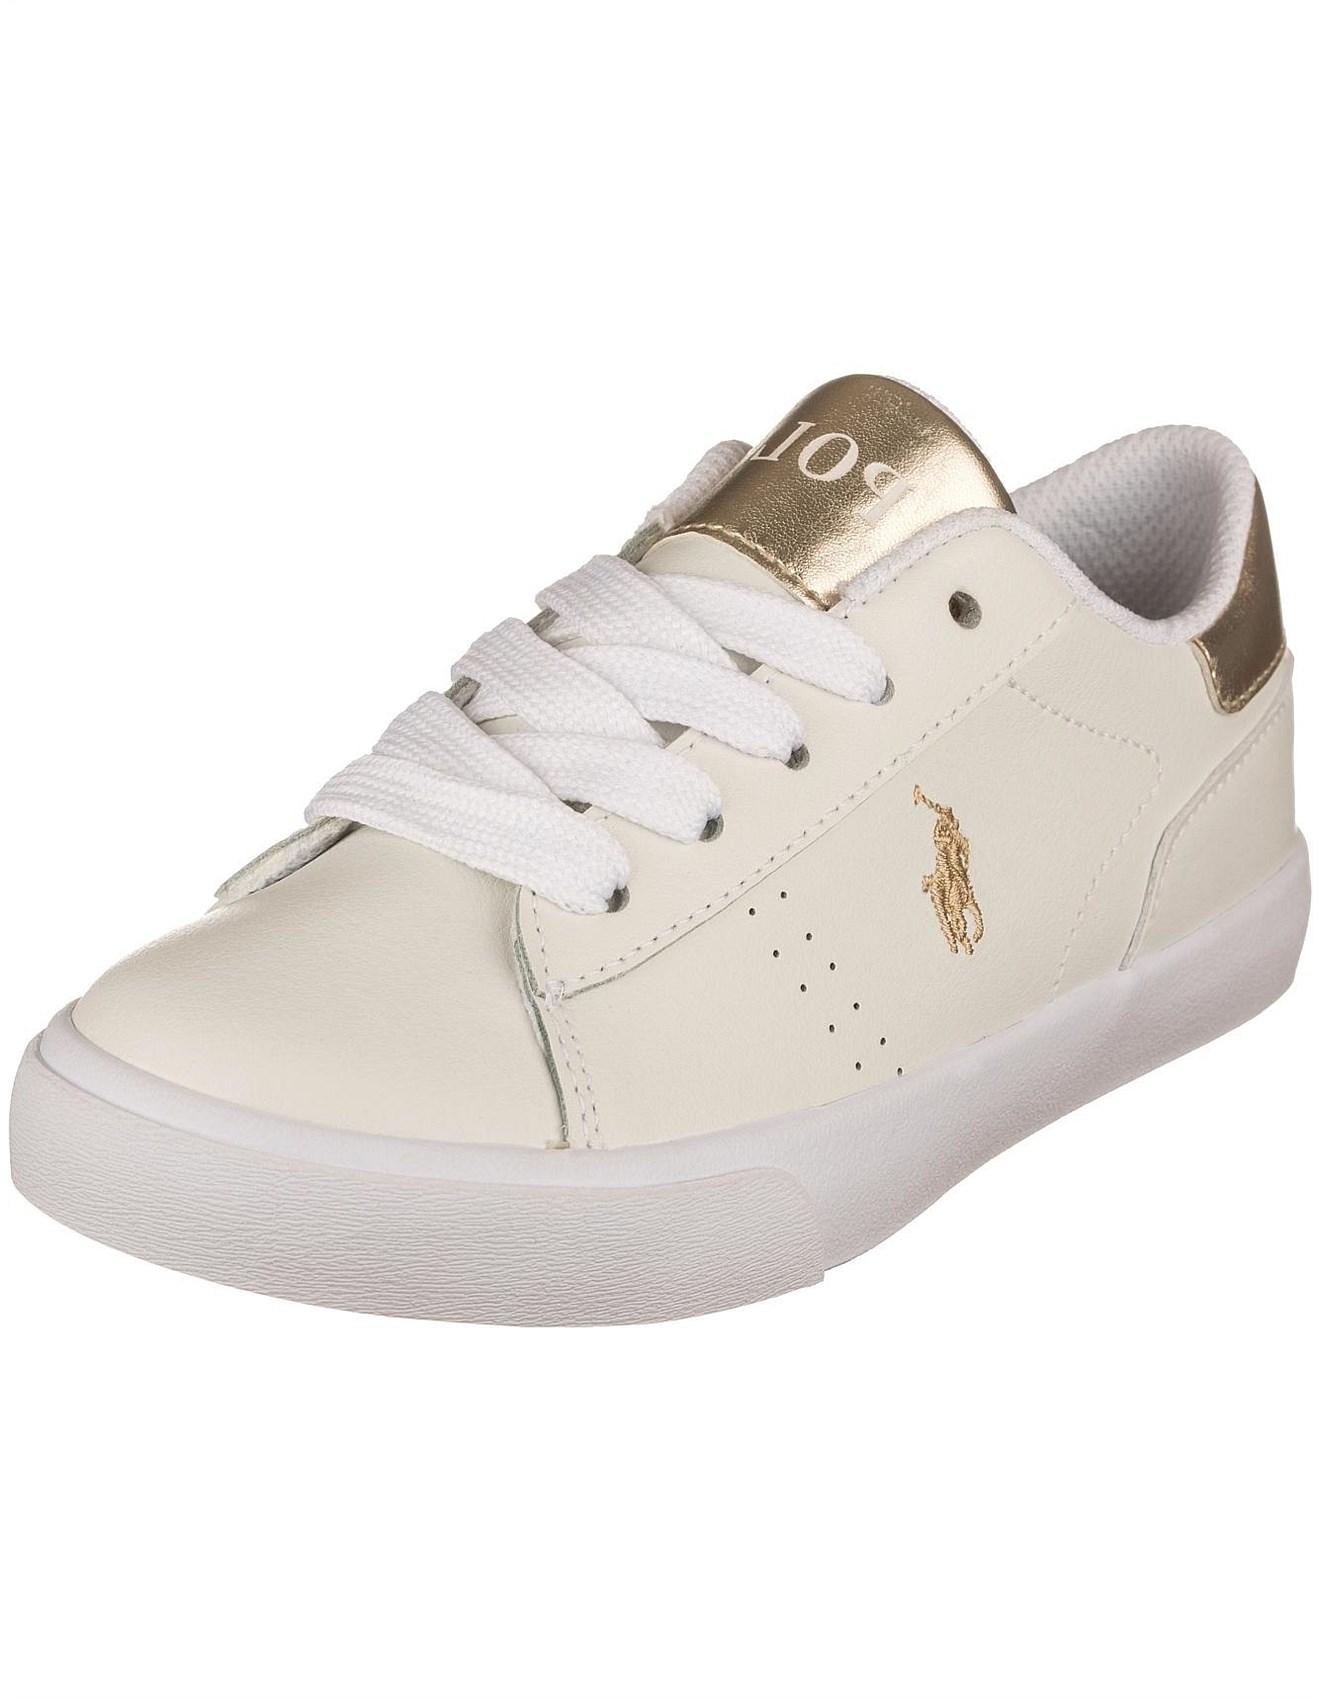 ralph lauren infant shoes sales - 58